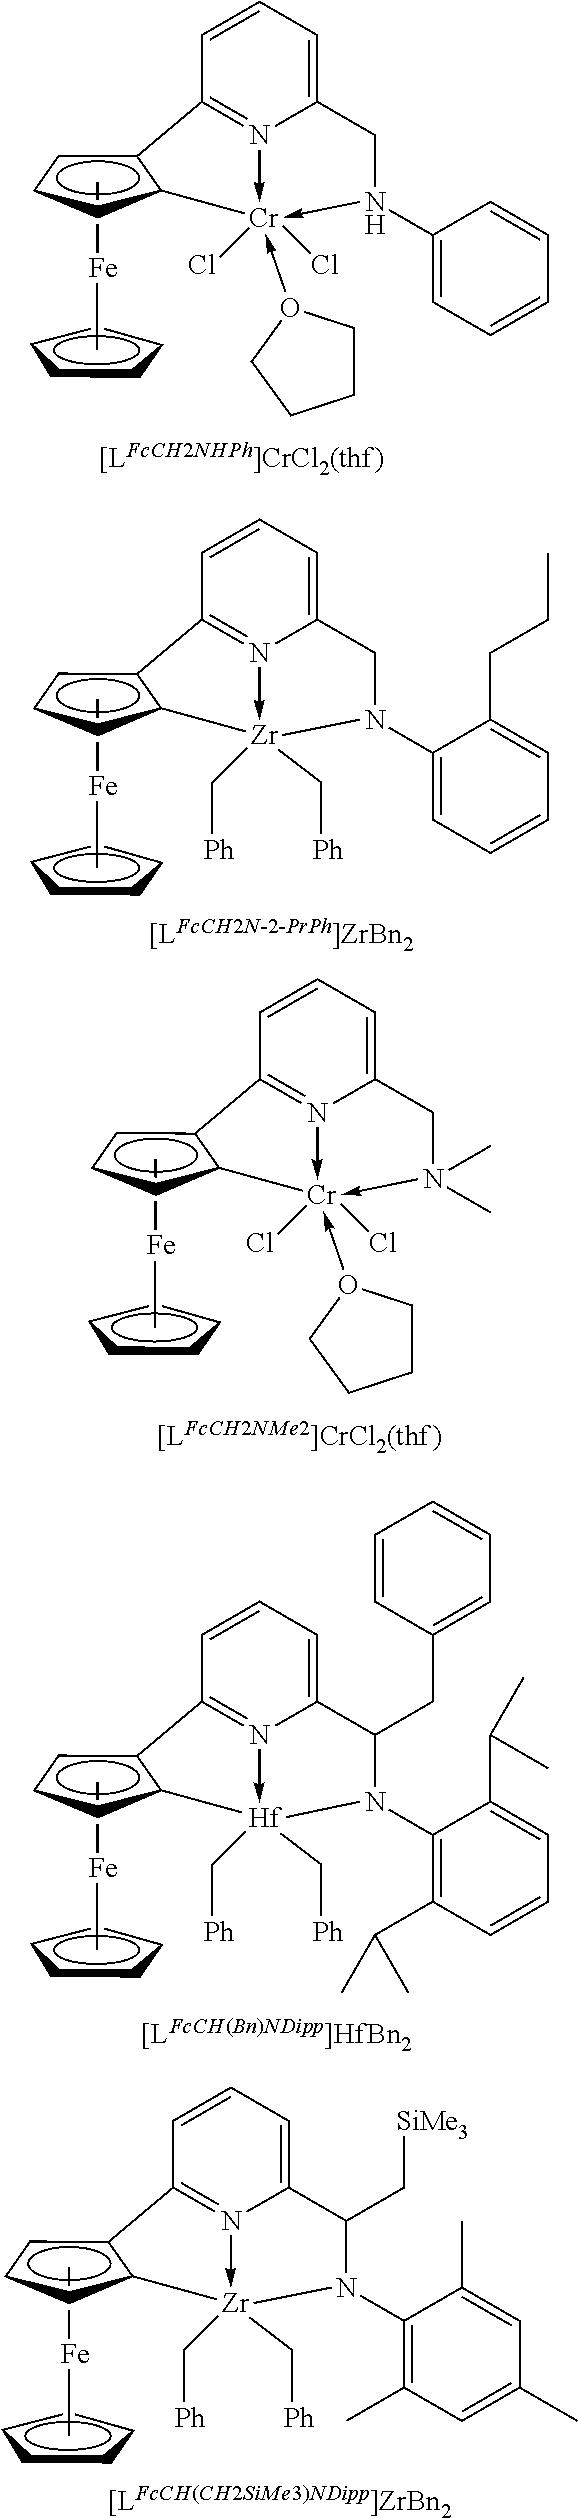 Figure US20100305287A1-20101202-C00011